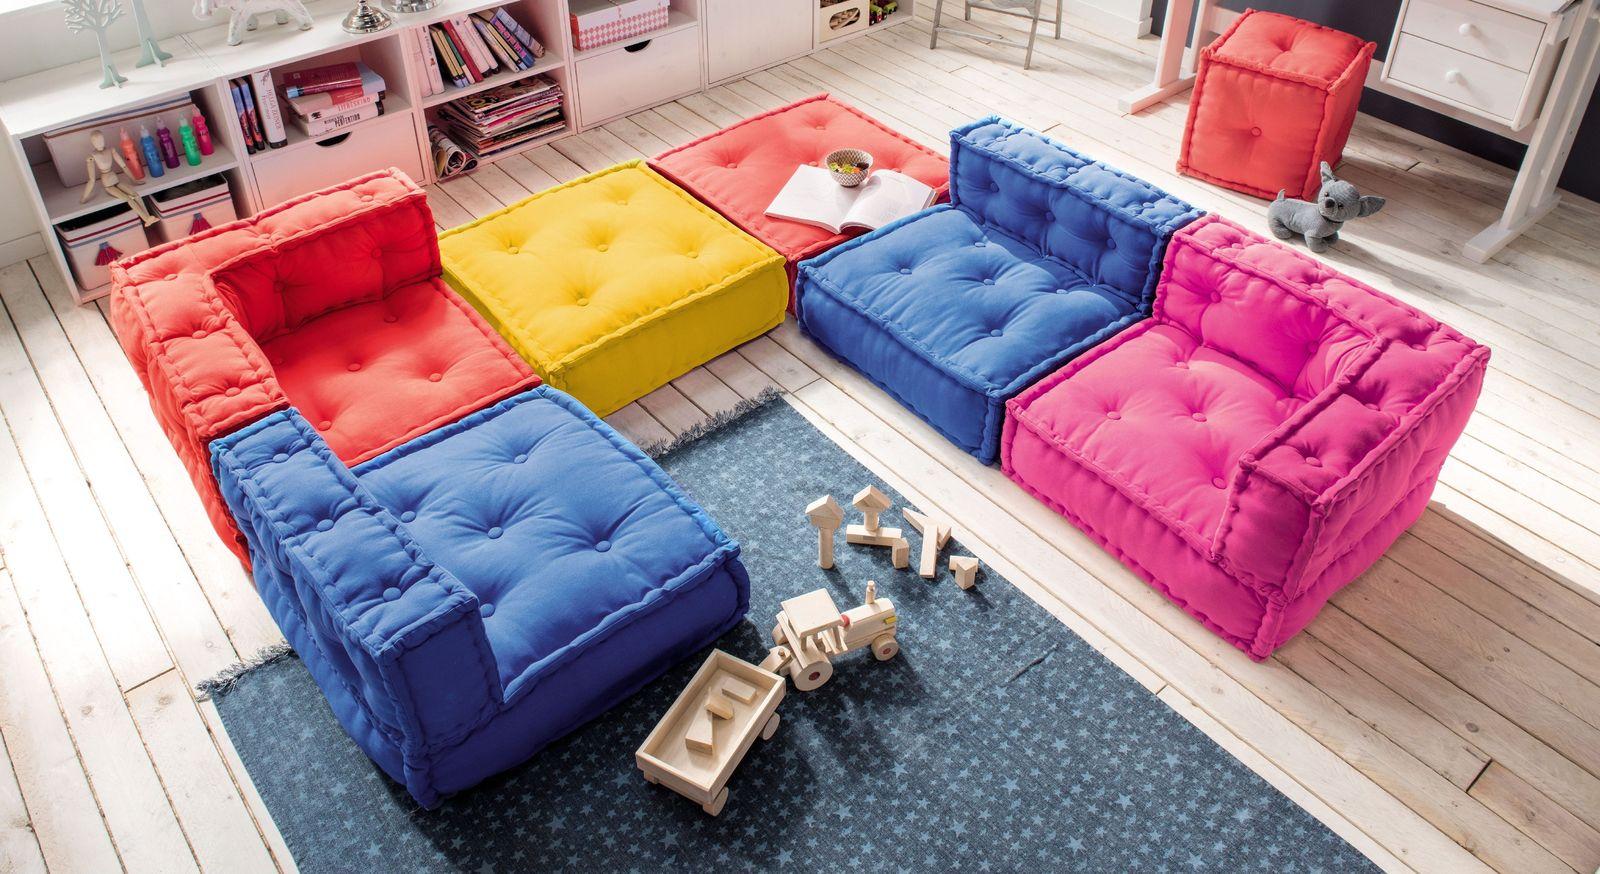 Sitzkissen-Sofa Kids Paradise in leuchtenden Farben